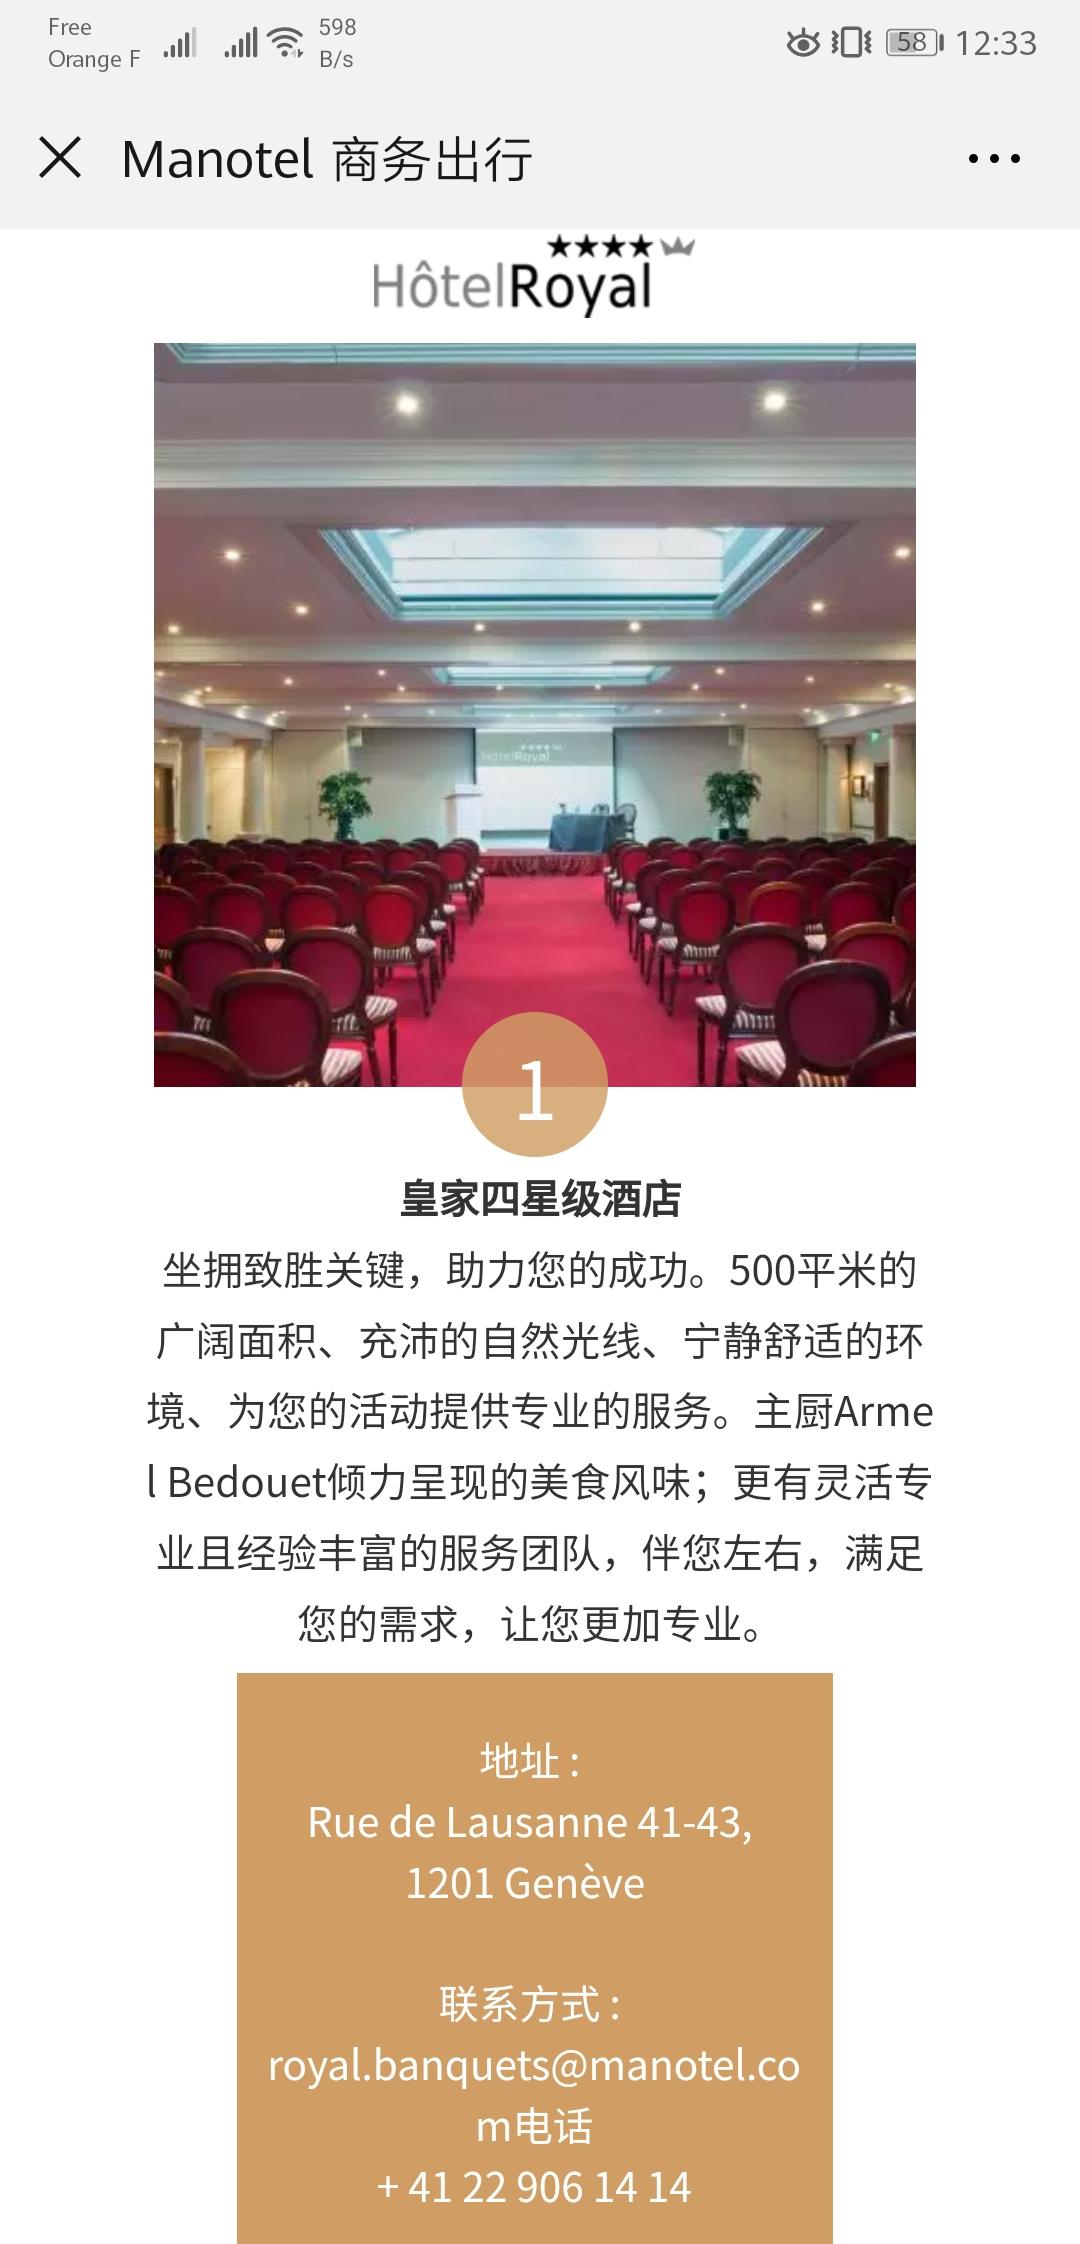 MANOTEL WeChat account